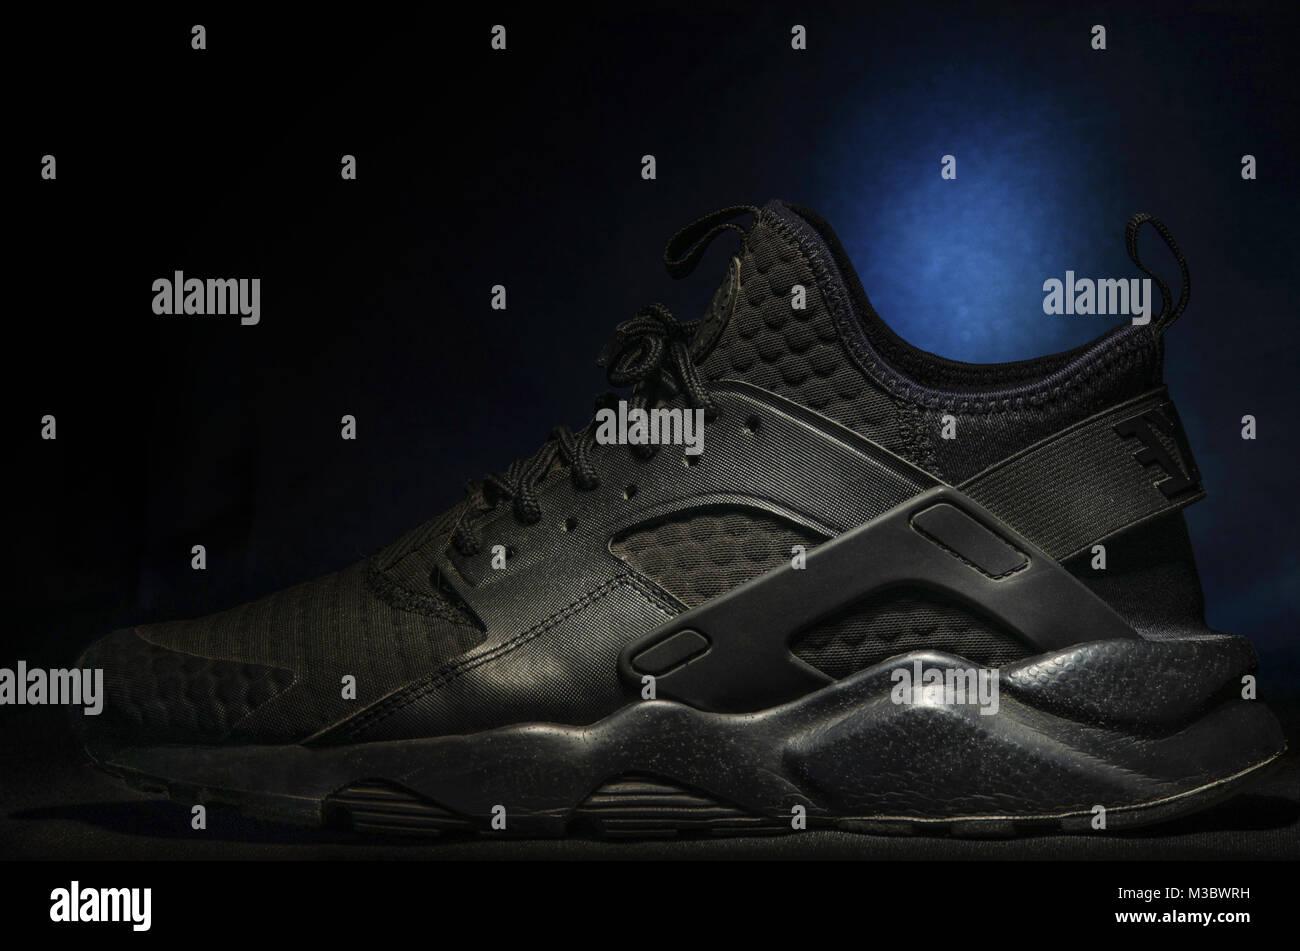 9e9bc0179c45 Nike Air Huarache Ultra SE Premium Triple Black - Stock Image